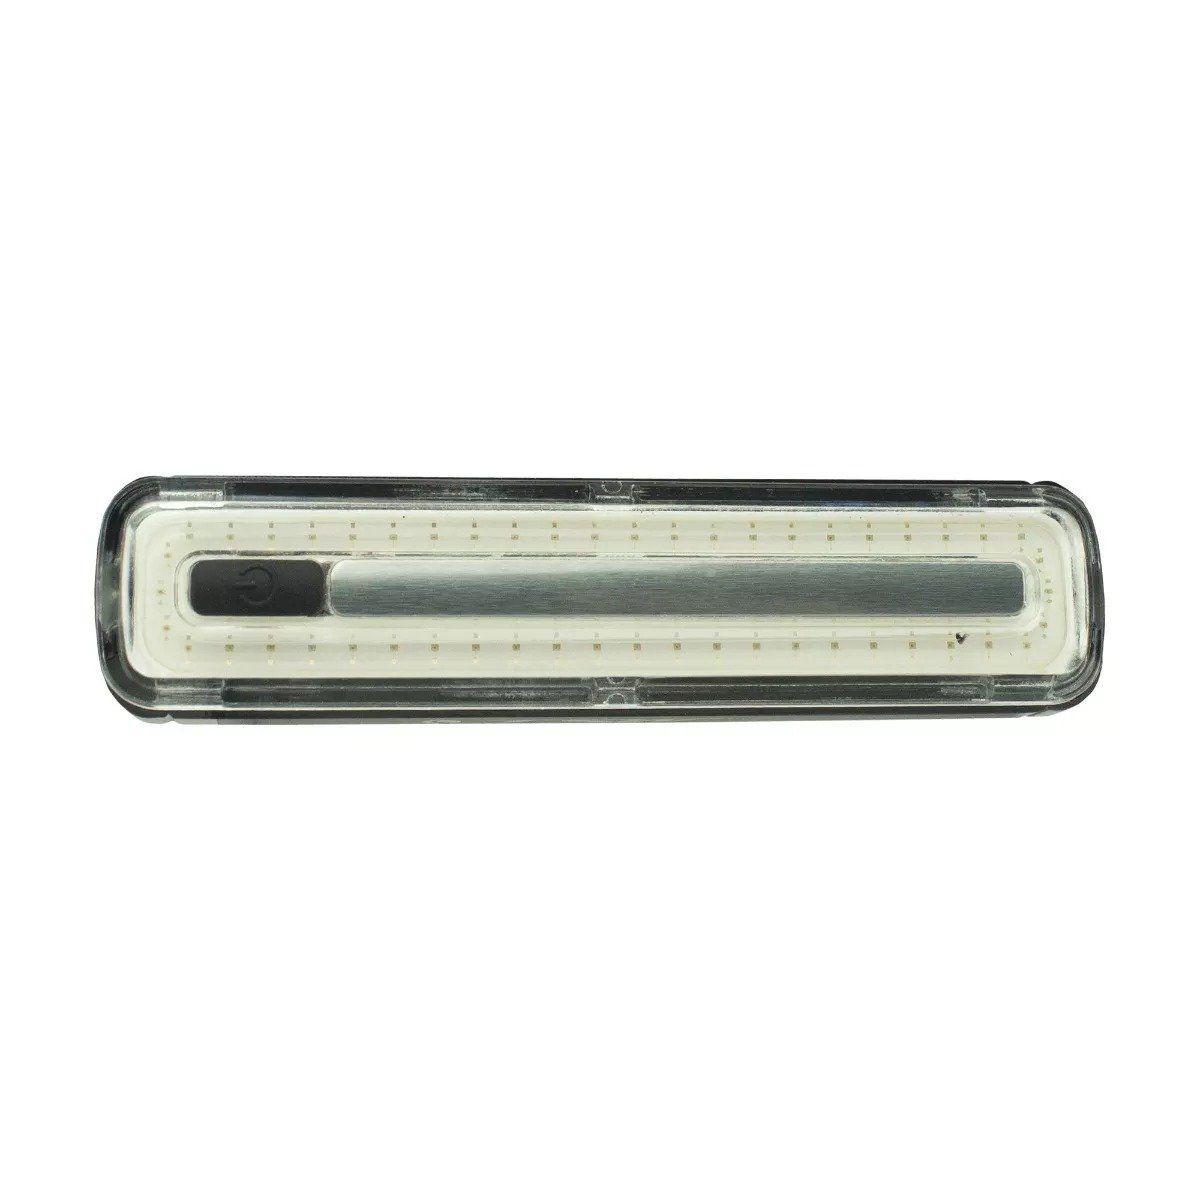 Sinalizador TSW Traseiro -  60 Lumens Recarregável